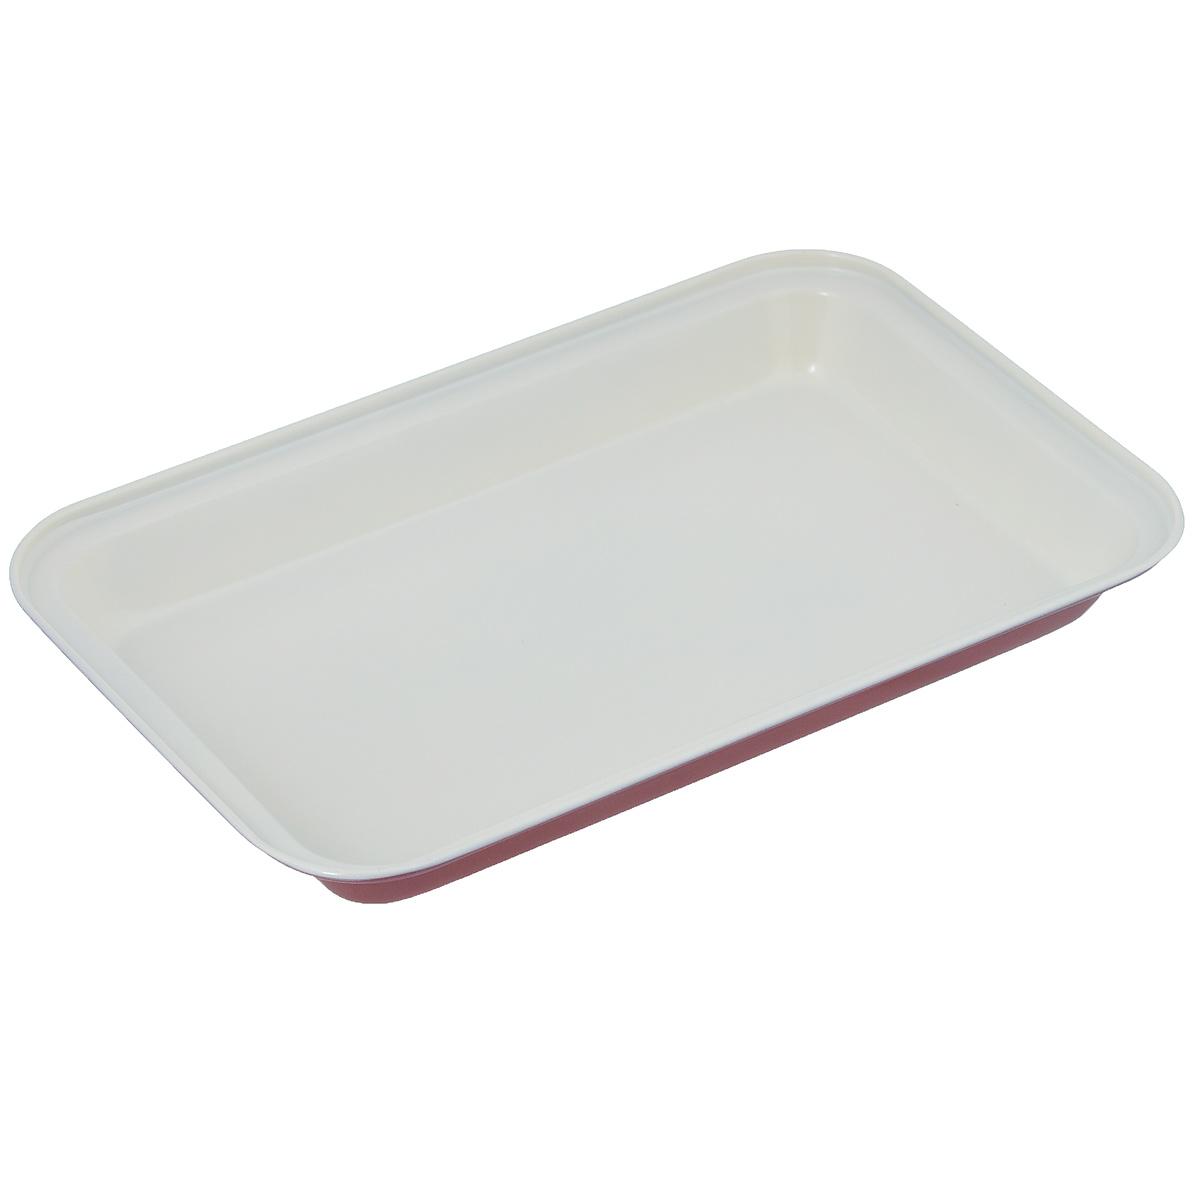 Форма для выпечки Bekker, с керамическим покрытием, прямоугольная, цвет: красный, белый, 18 см х 28 смBK-3974Прямоугольная форма Bekker изготовлена из углеродистой стали с антипригарным керамическим покрытием Pfluon, благодаря чему пища не пригорает и не прилипает к стенкам посуды. Снаружи форма покрыта цветным жаропрочным покрытием. Готовить можно с добавлением минимального количества масла и жиров. Антипригарное покрытие также обеспечивает легкость мытья. Стенки ровные. Для чистки нельзя использовать абразивные чистящие средства и жесткие губки. Подходит для использования в духовом шкафу. Нельзя мыть в посудомоечной машине.